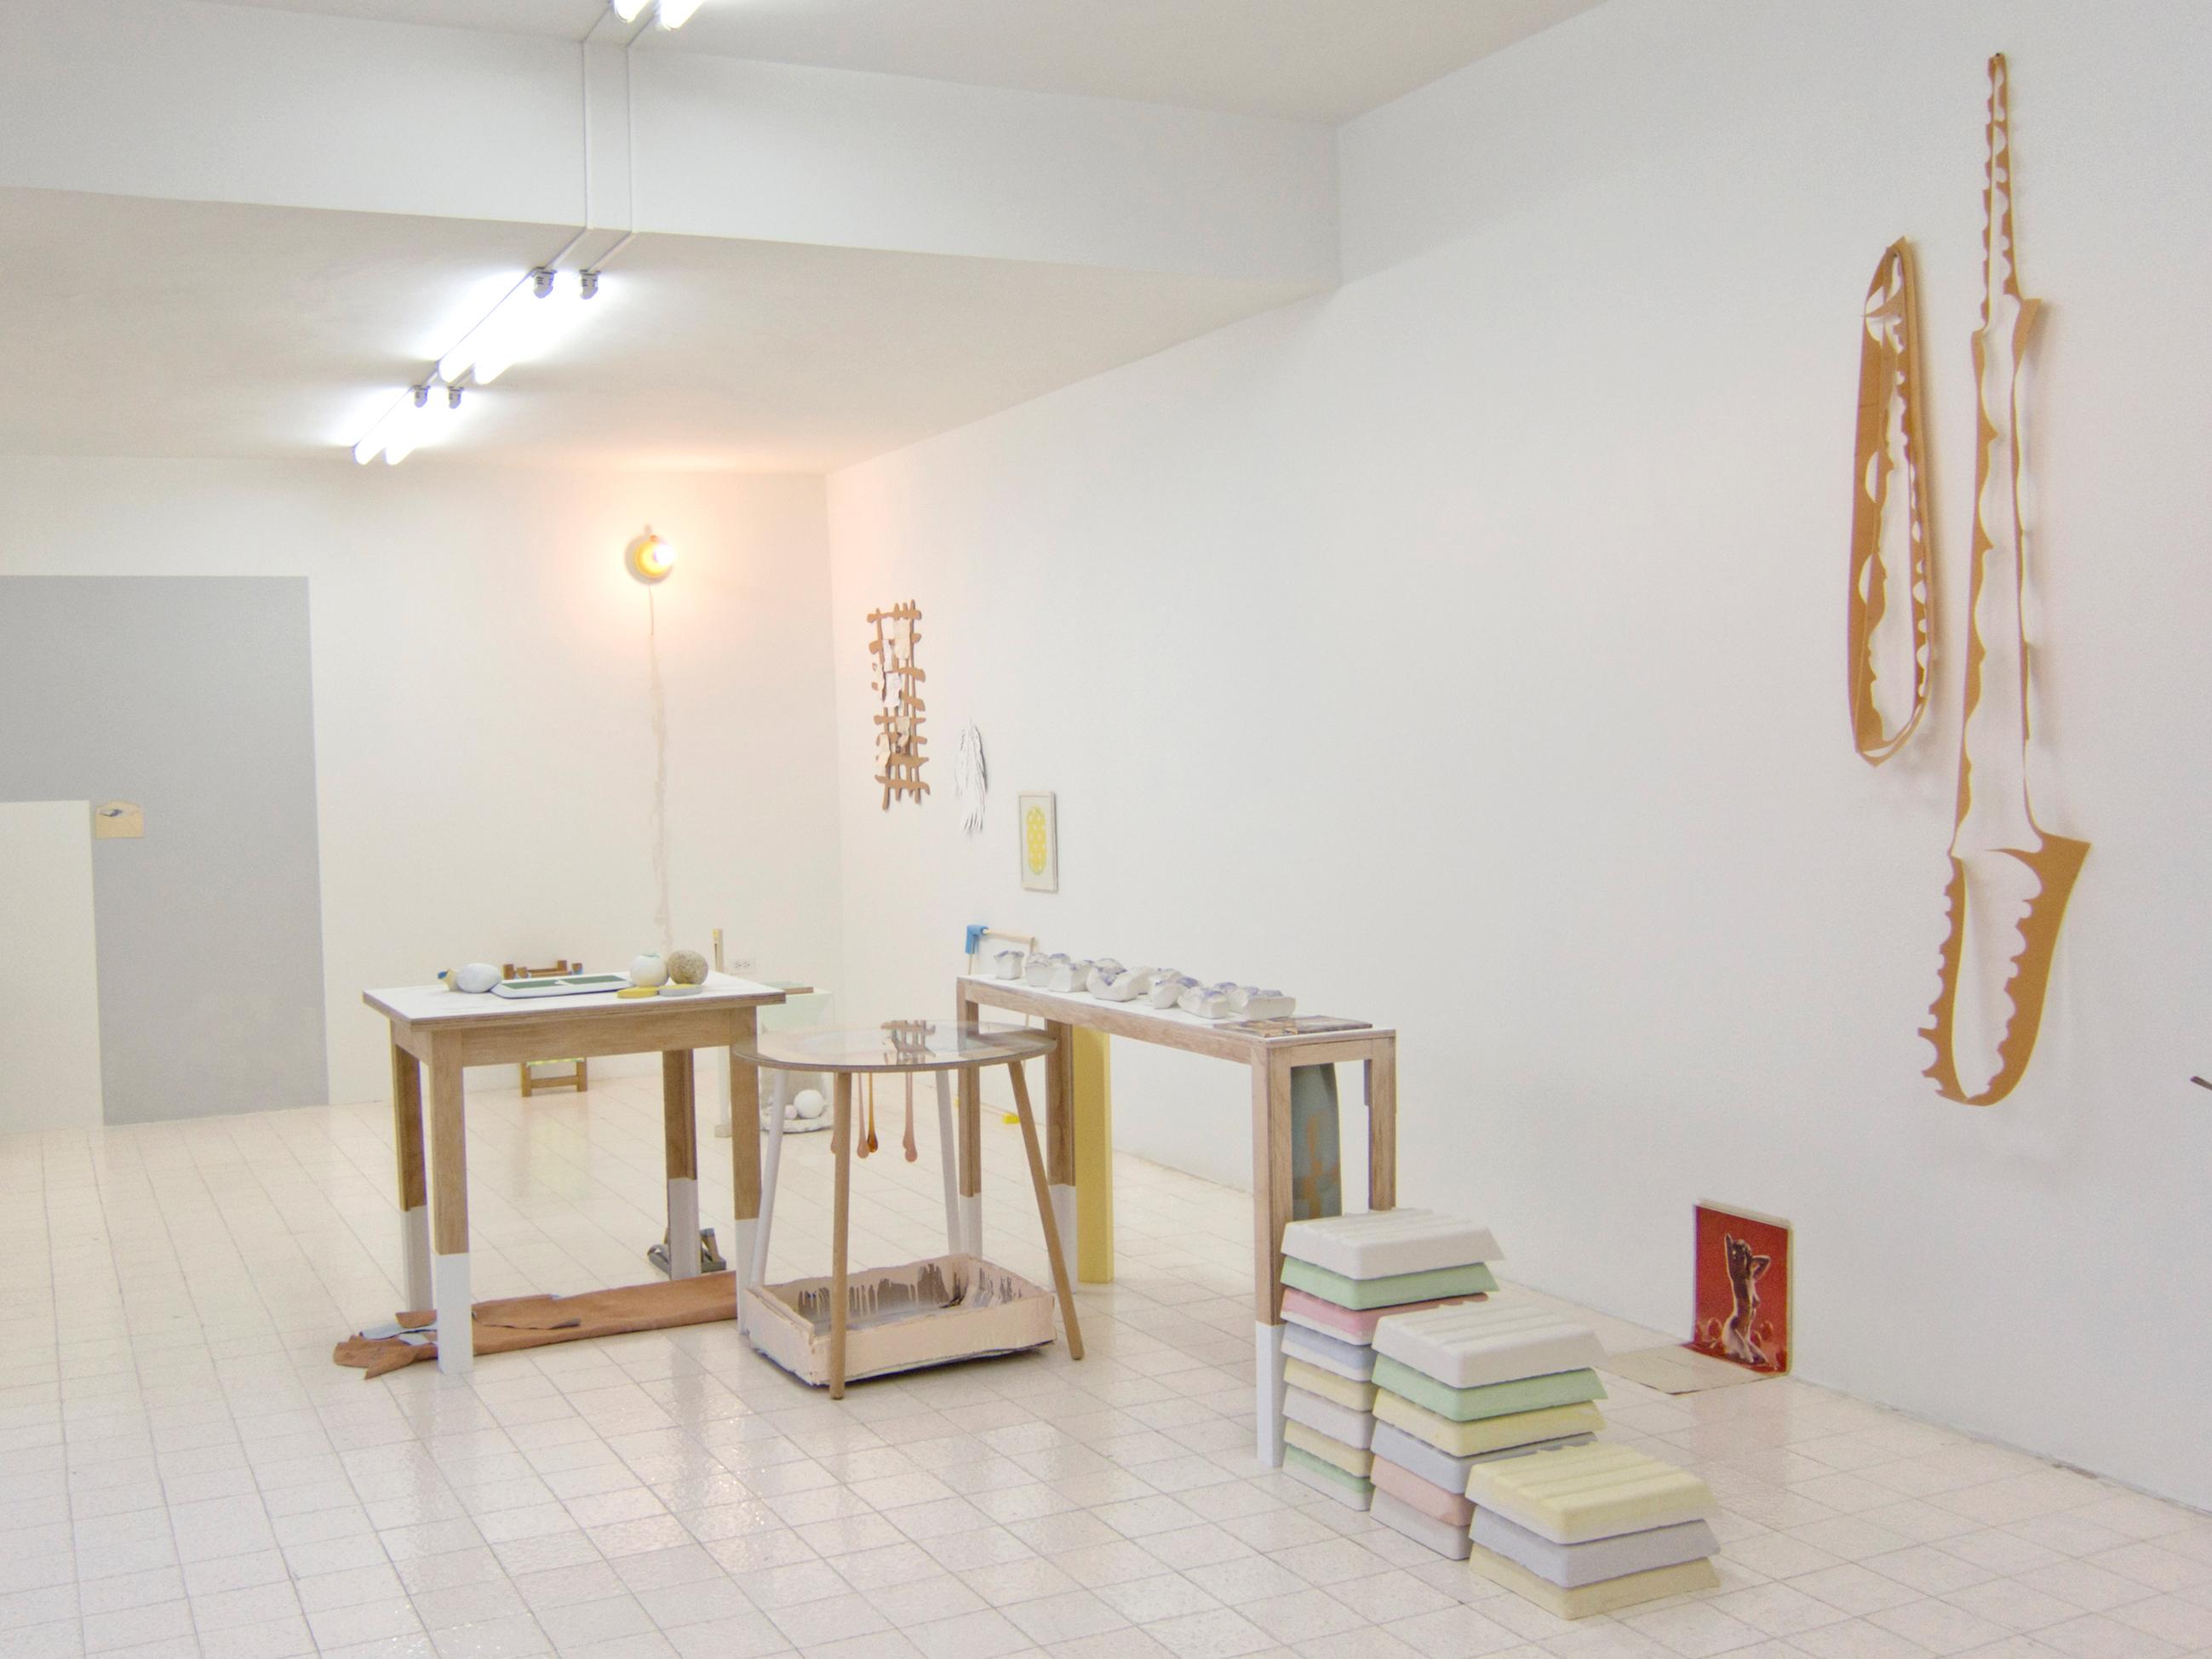 Reforma del ahora, exposición individual de Juan Pablo Garza. Foto: Al borde.